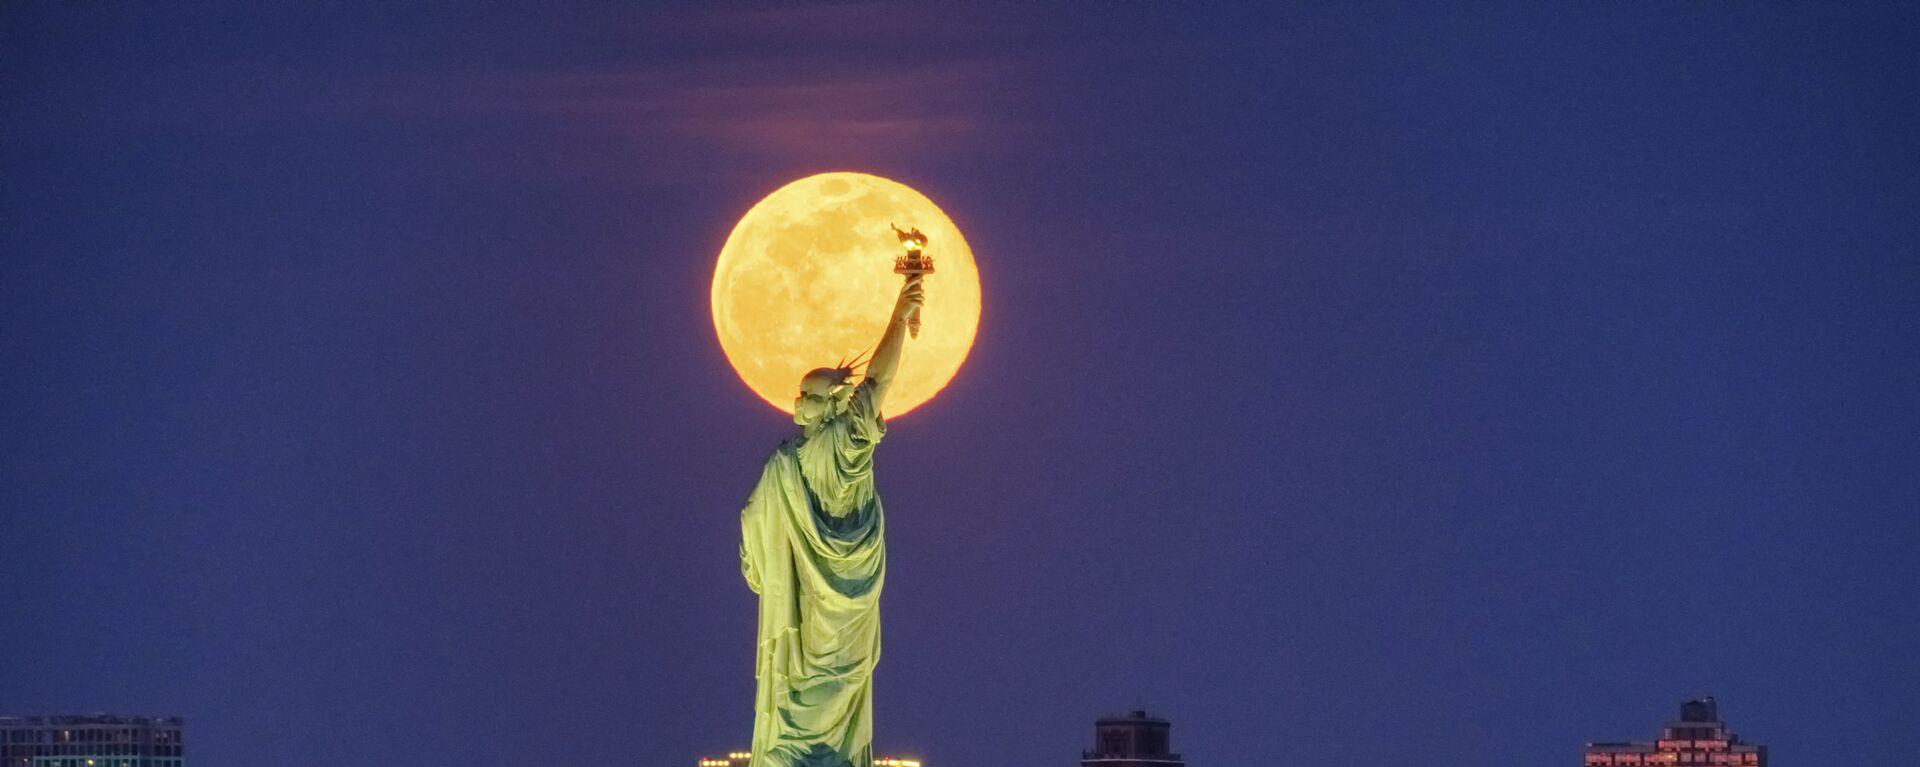 Статуя Свободы на фоне полной луны в Нью-Йорке  - Sputnik Italia, 1920, 27.03.2021